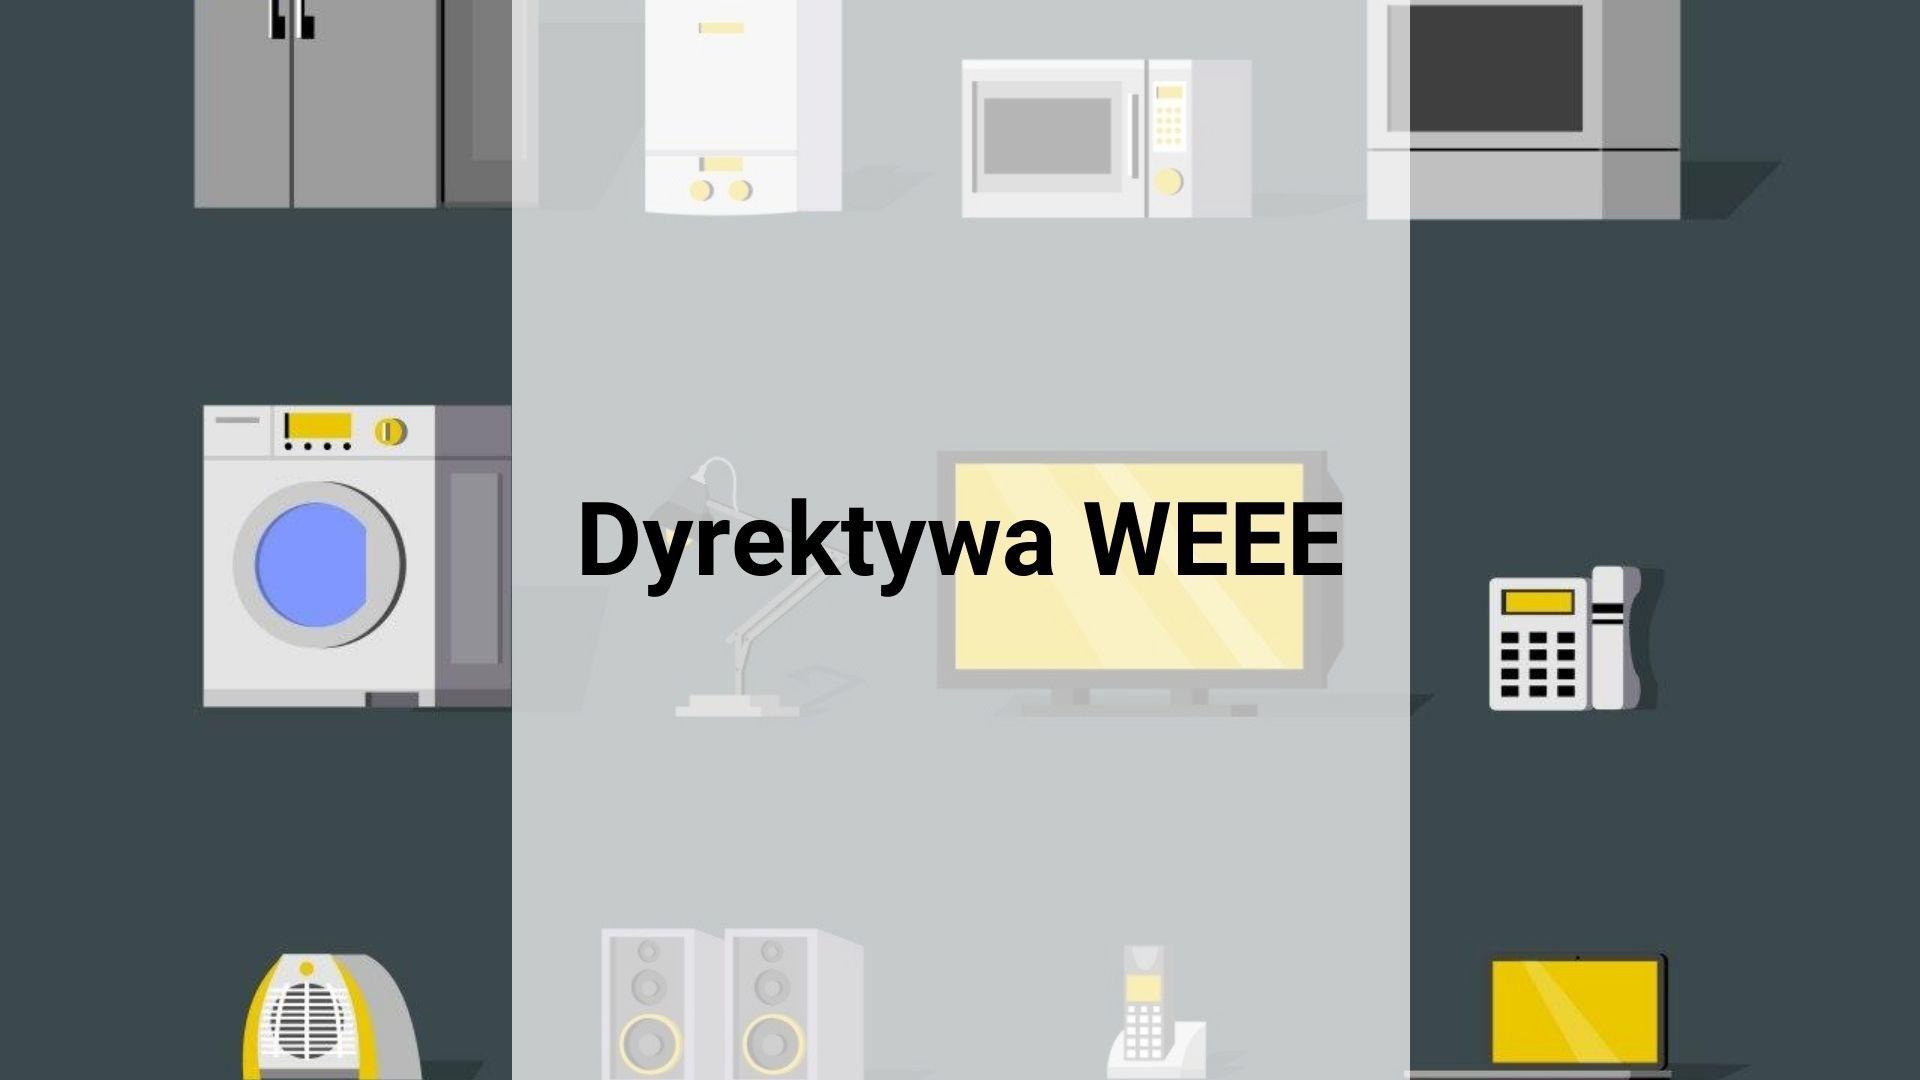 Dyrektywa WEEE